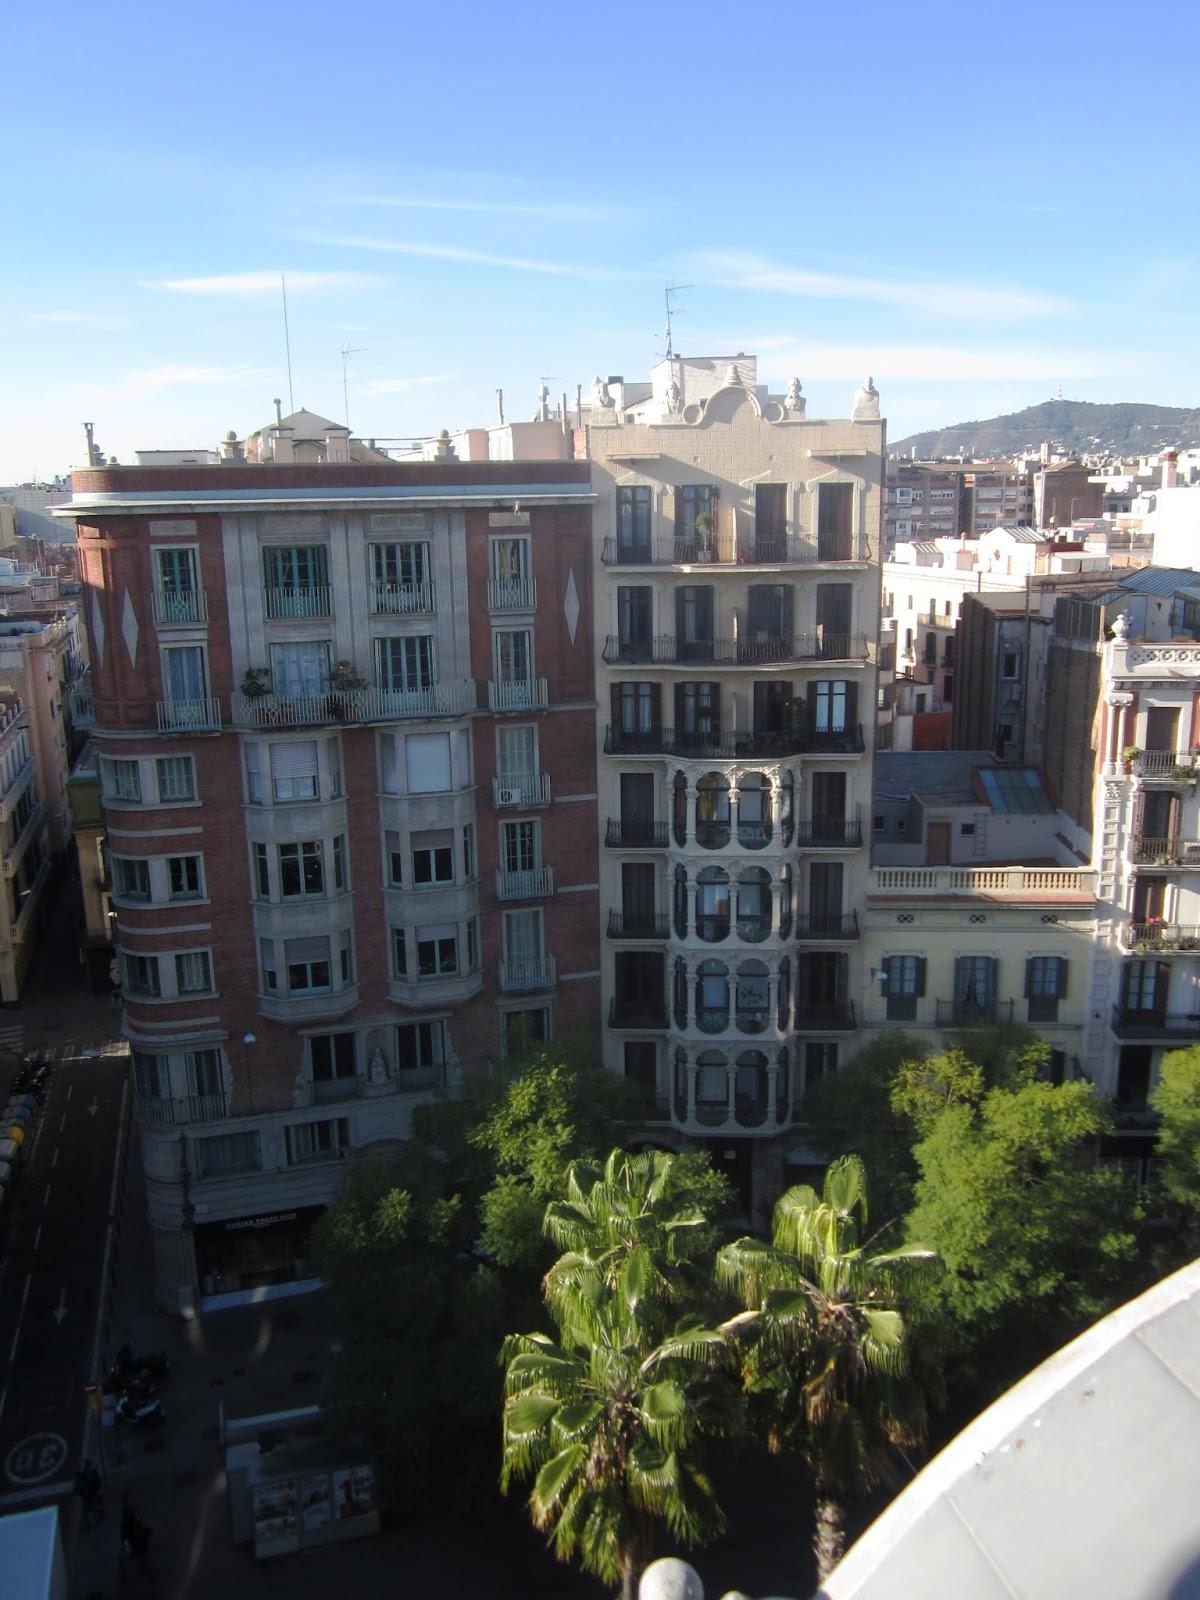 Redescubriendo barcelona y m s all 20 01 2016 casa for Terraza casa fuster